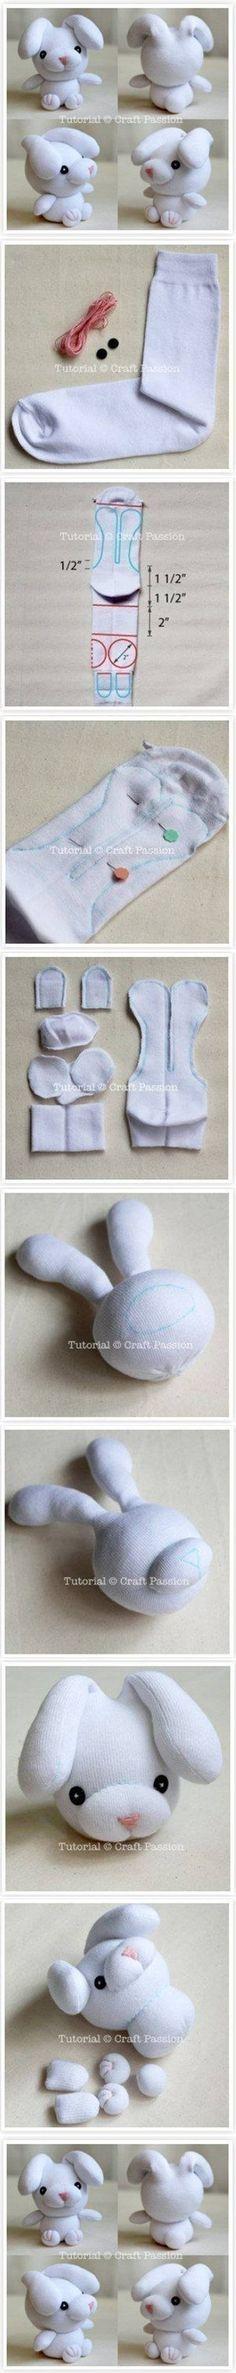 Süsses Häschen aus alter Socke machen.